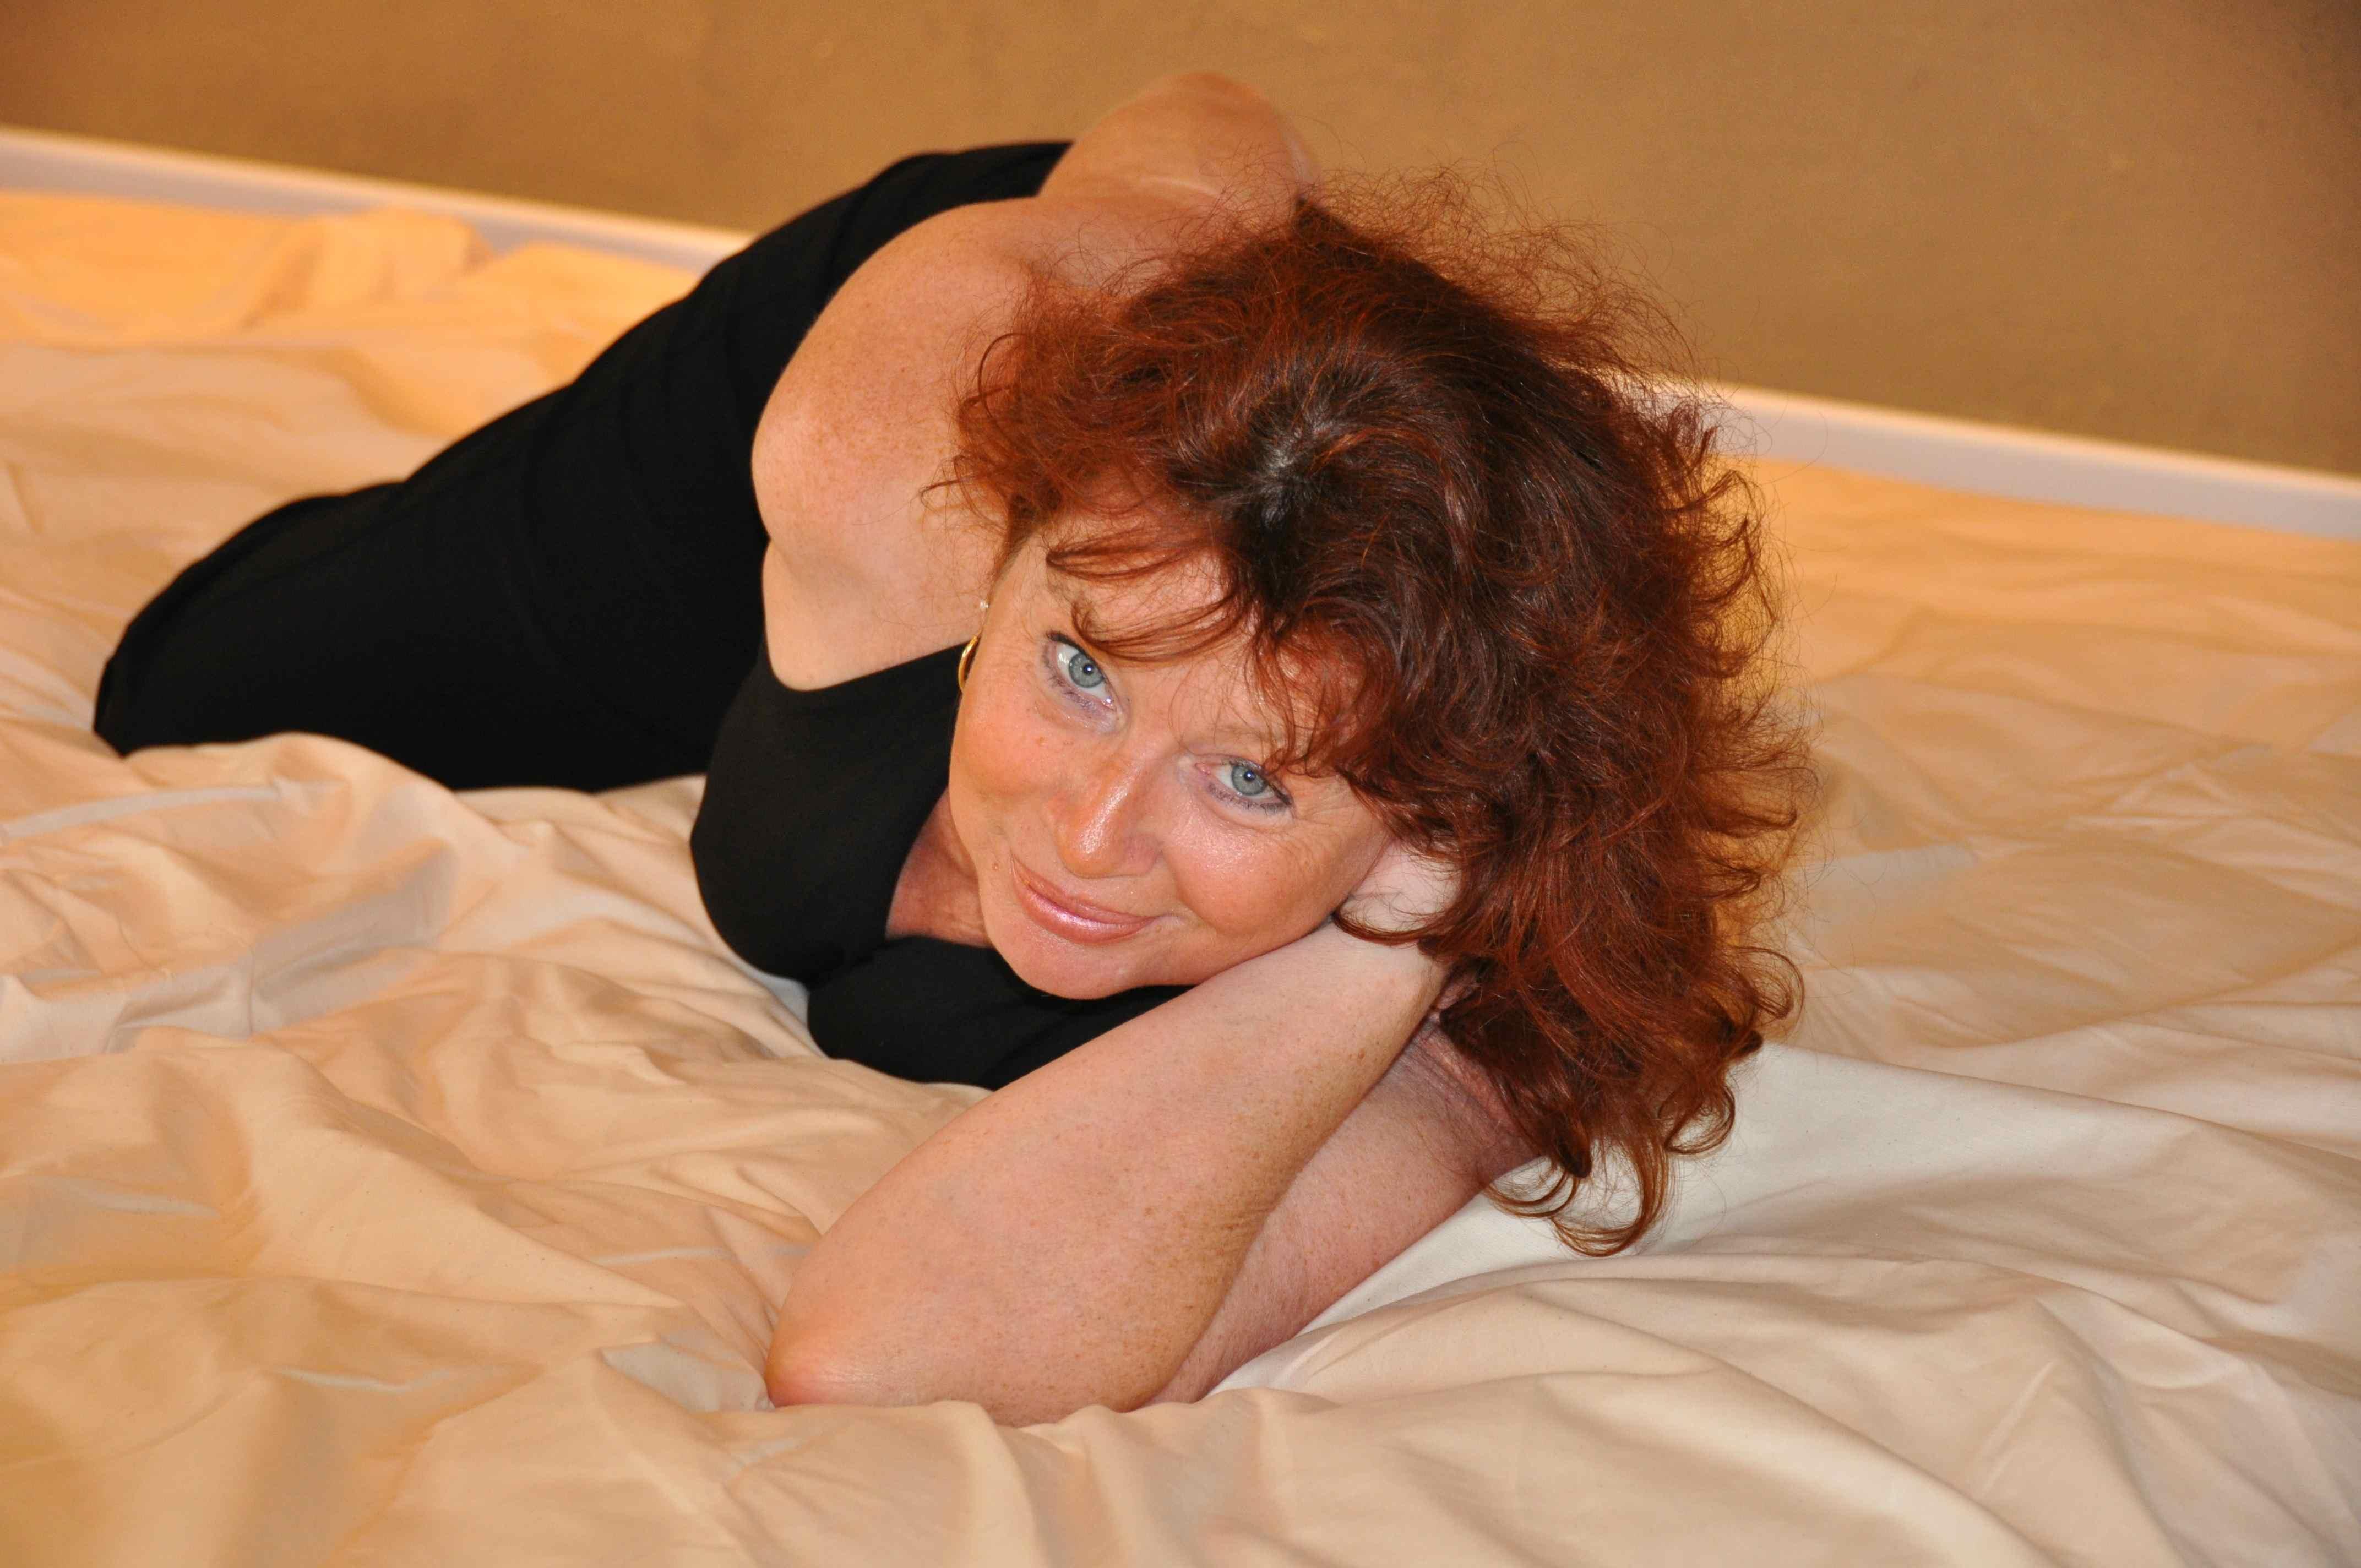 swingerklub aalborg intim massage slagelse